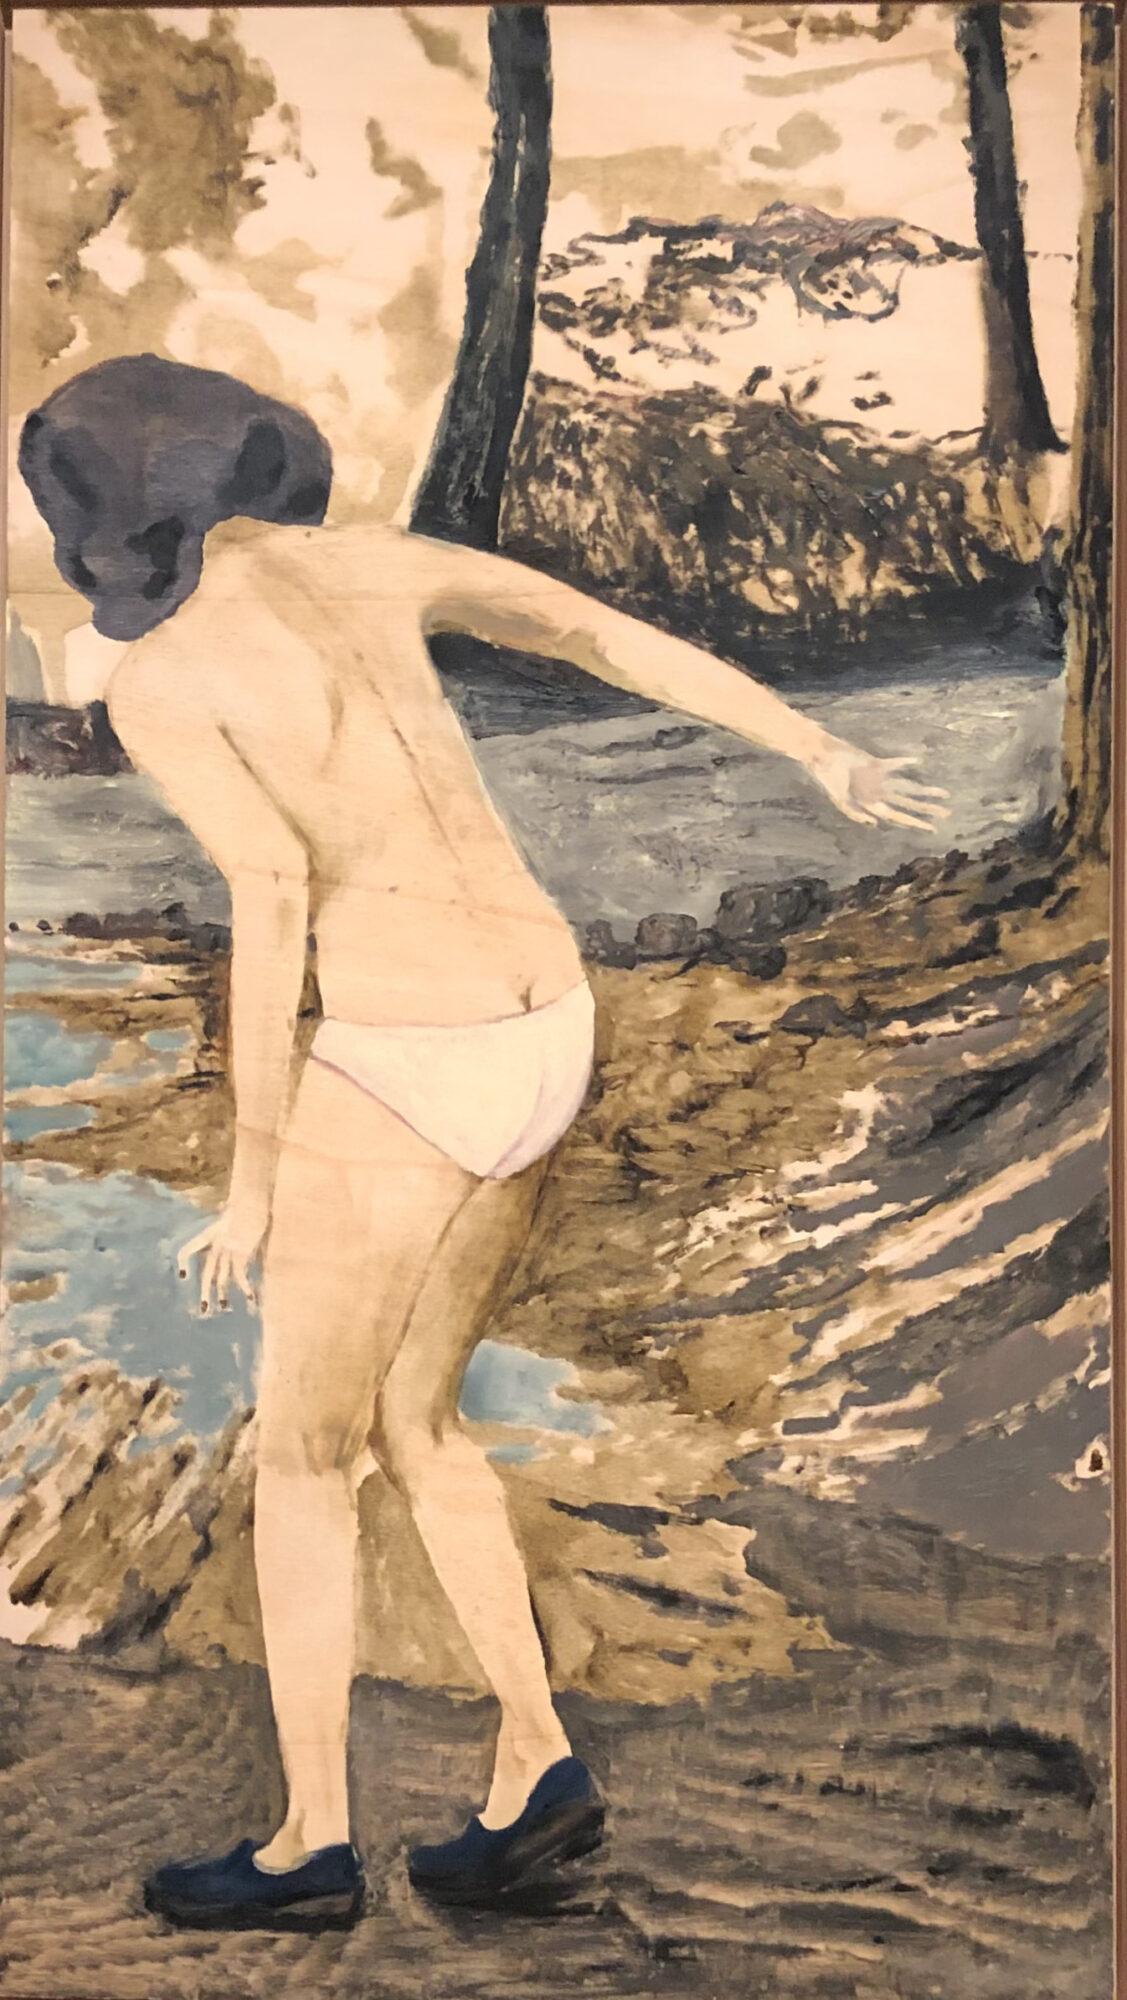 Kvinde I Skov - Maleri Af Mamma Andersson